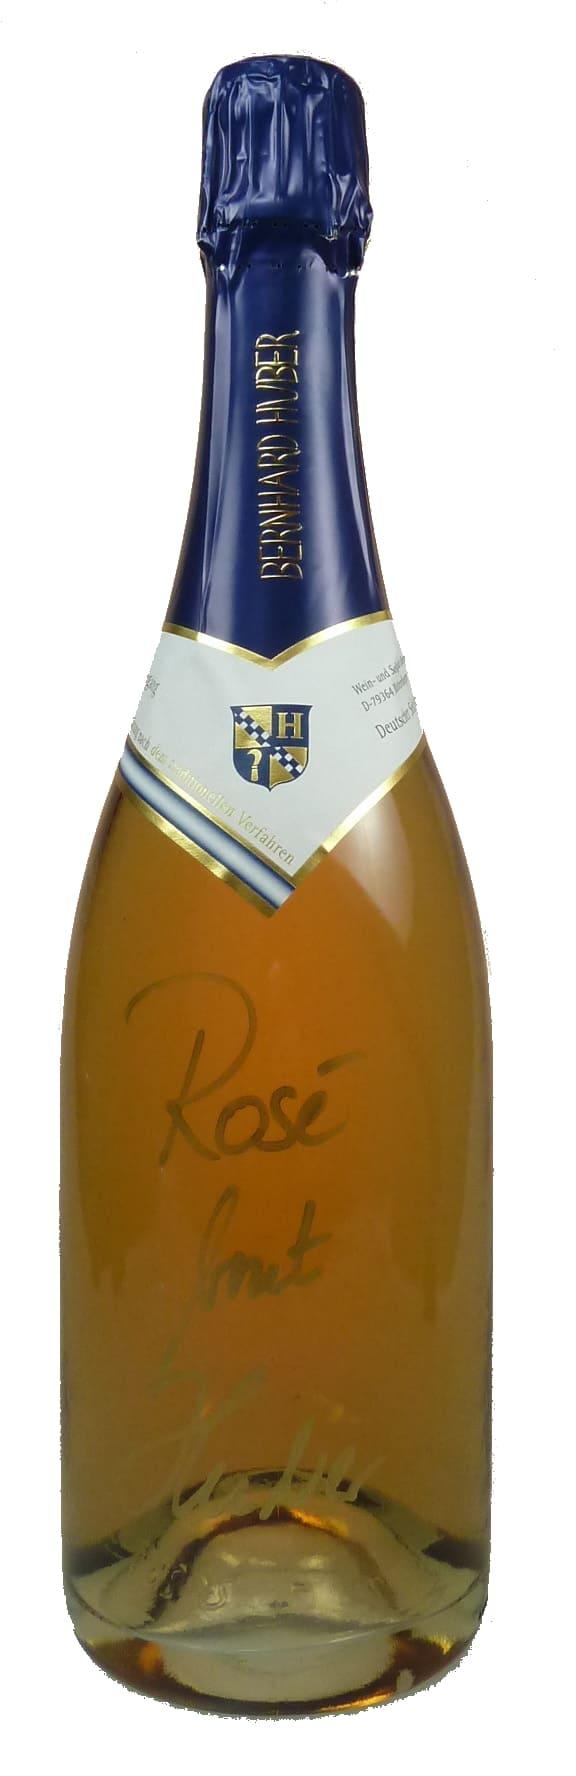 Pinot Rosé Brut Deutscher Sekt 2010